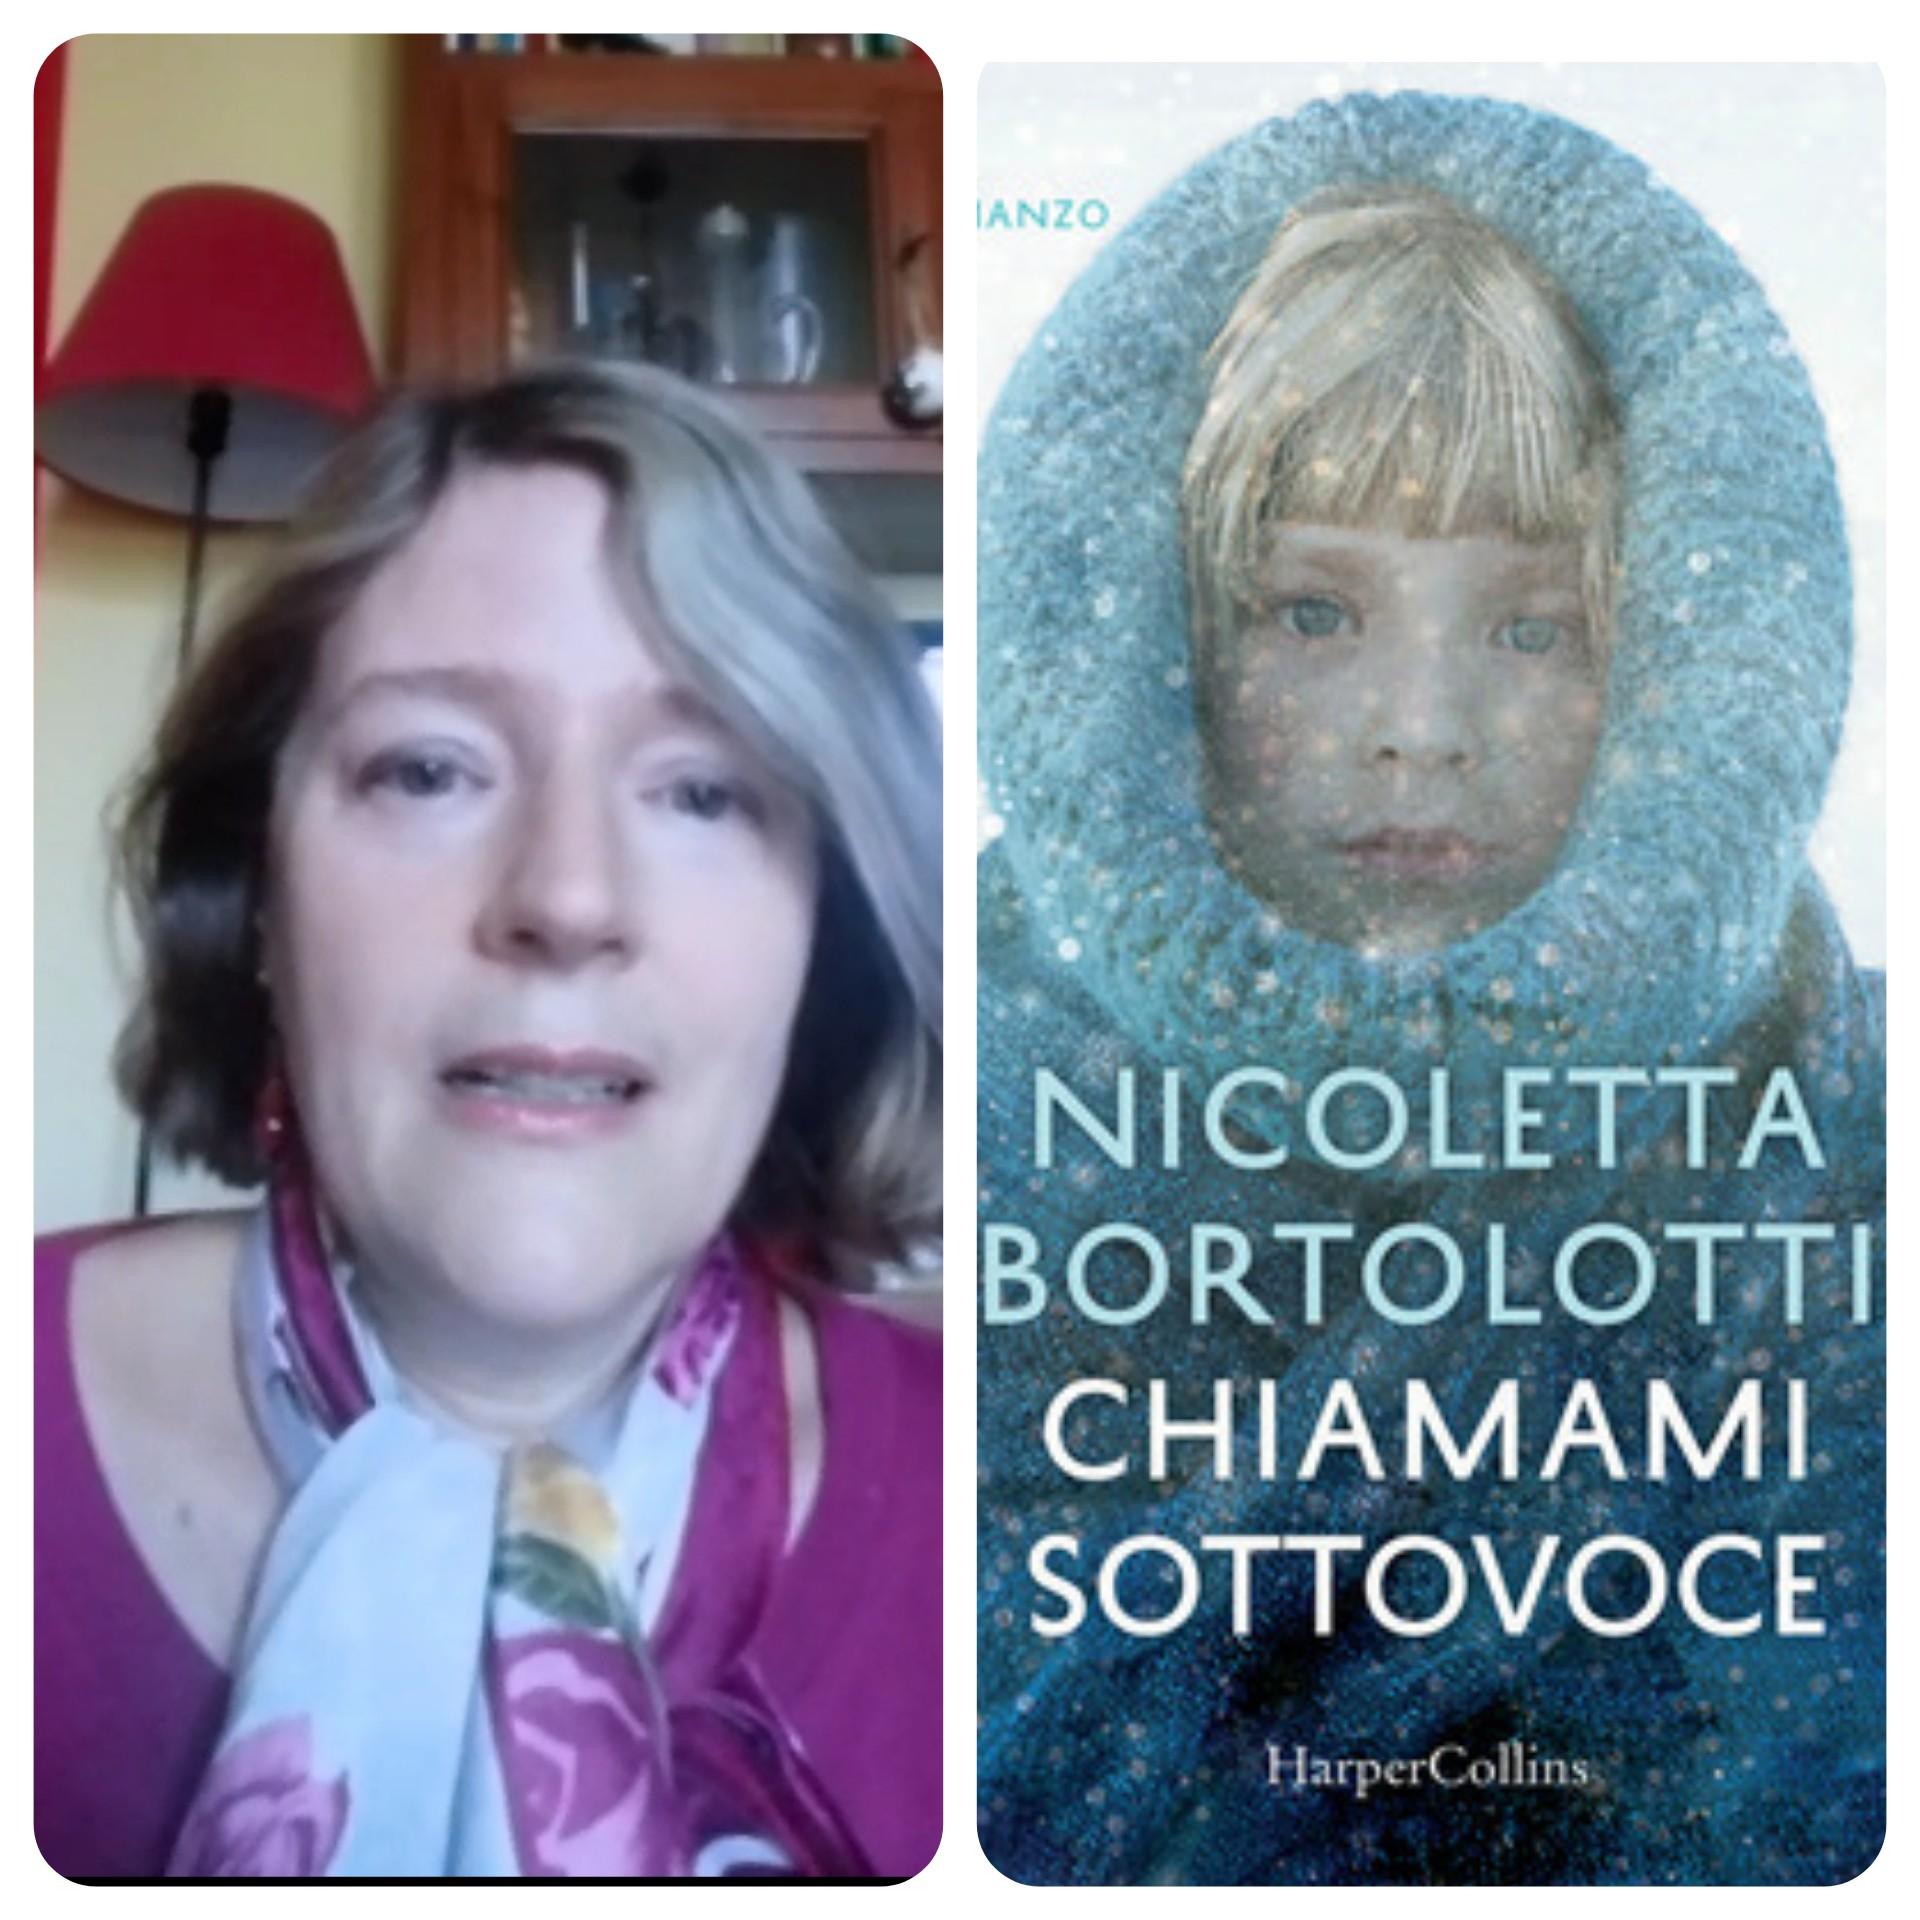 """""""Ve lo legge lo scrittore"""" stasera ospite del Blog c'è Nicoletta Bortolotti autrice del romanzo """"Chiamami sottovoce"""" edito da HarperCollins"""